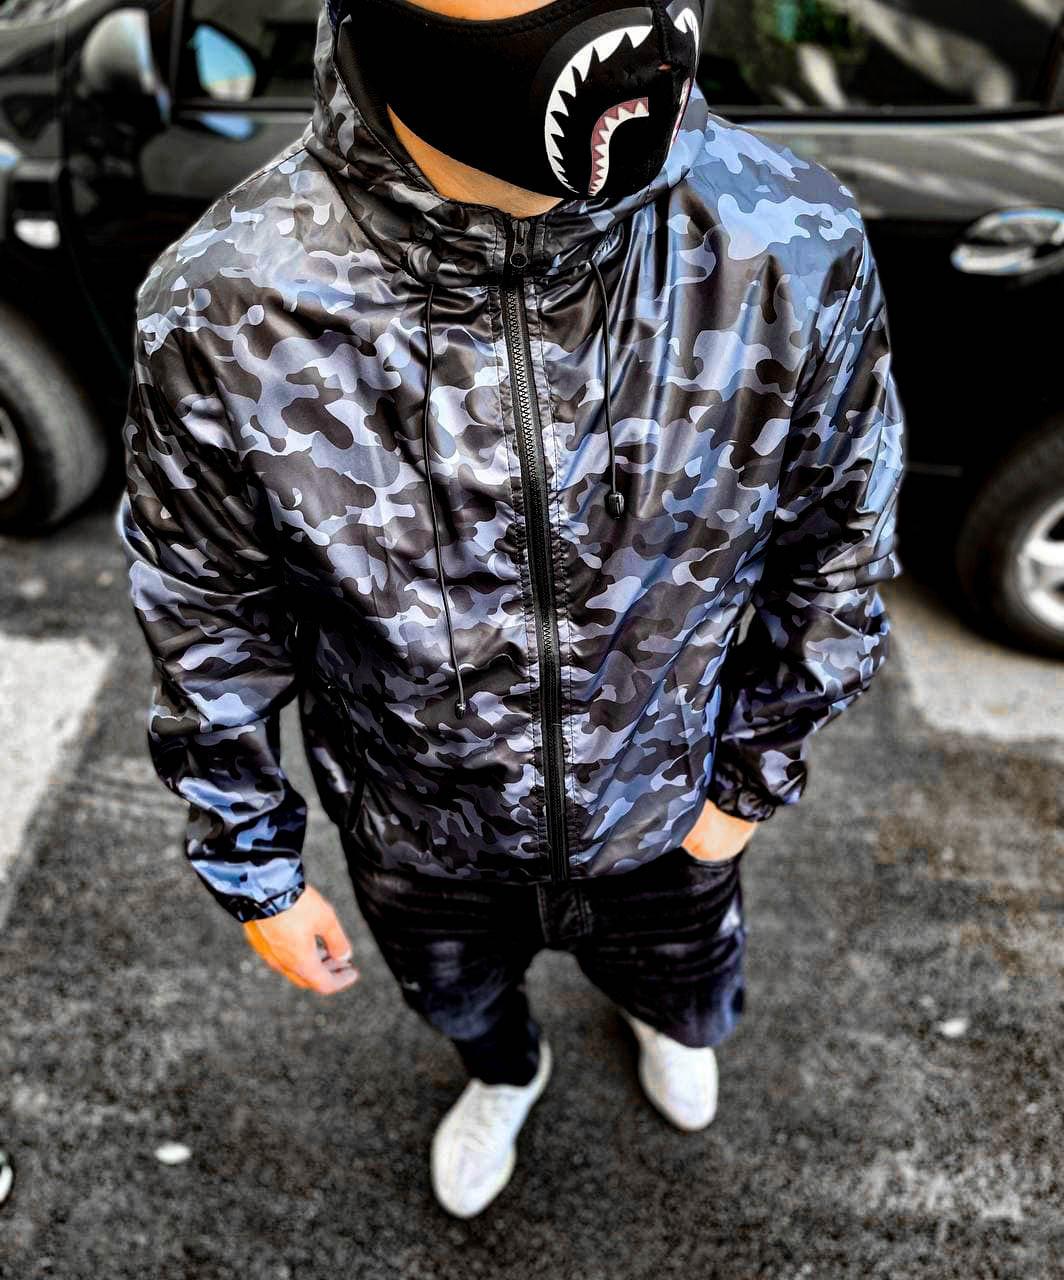 Чоловіча куртка камуфляжна бейп bape модна всі розміри куртки пром вітрівка плащівка чоловіча